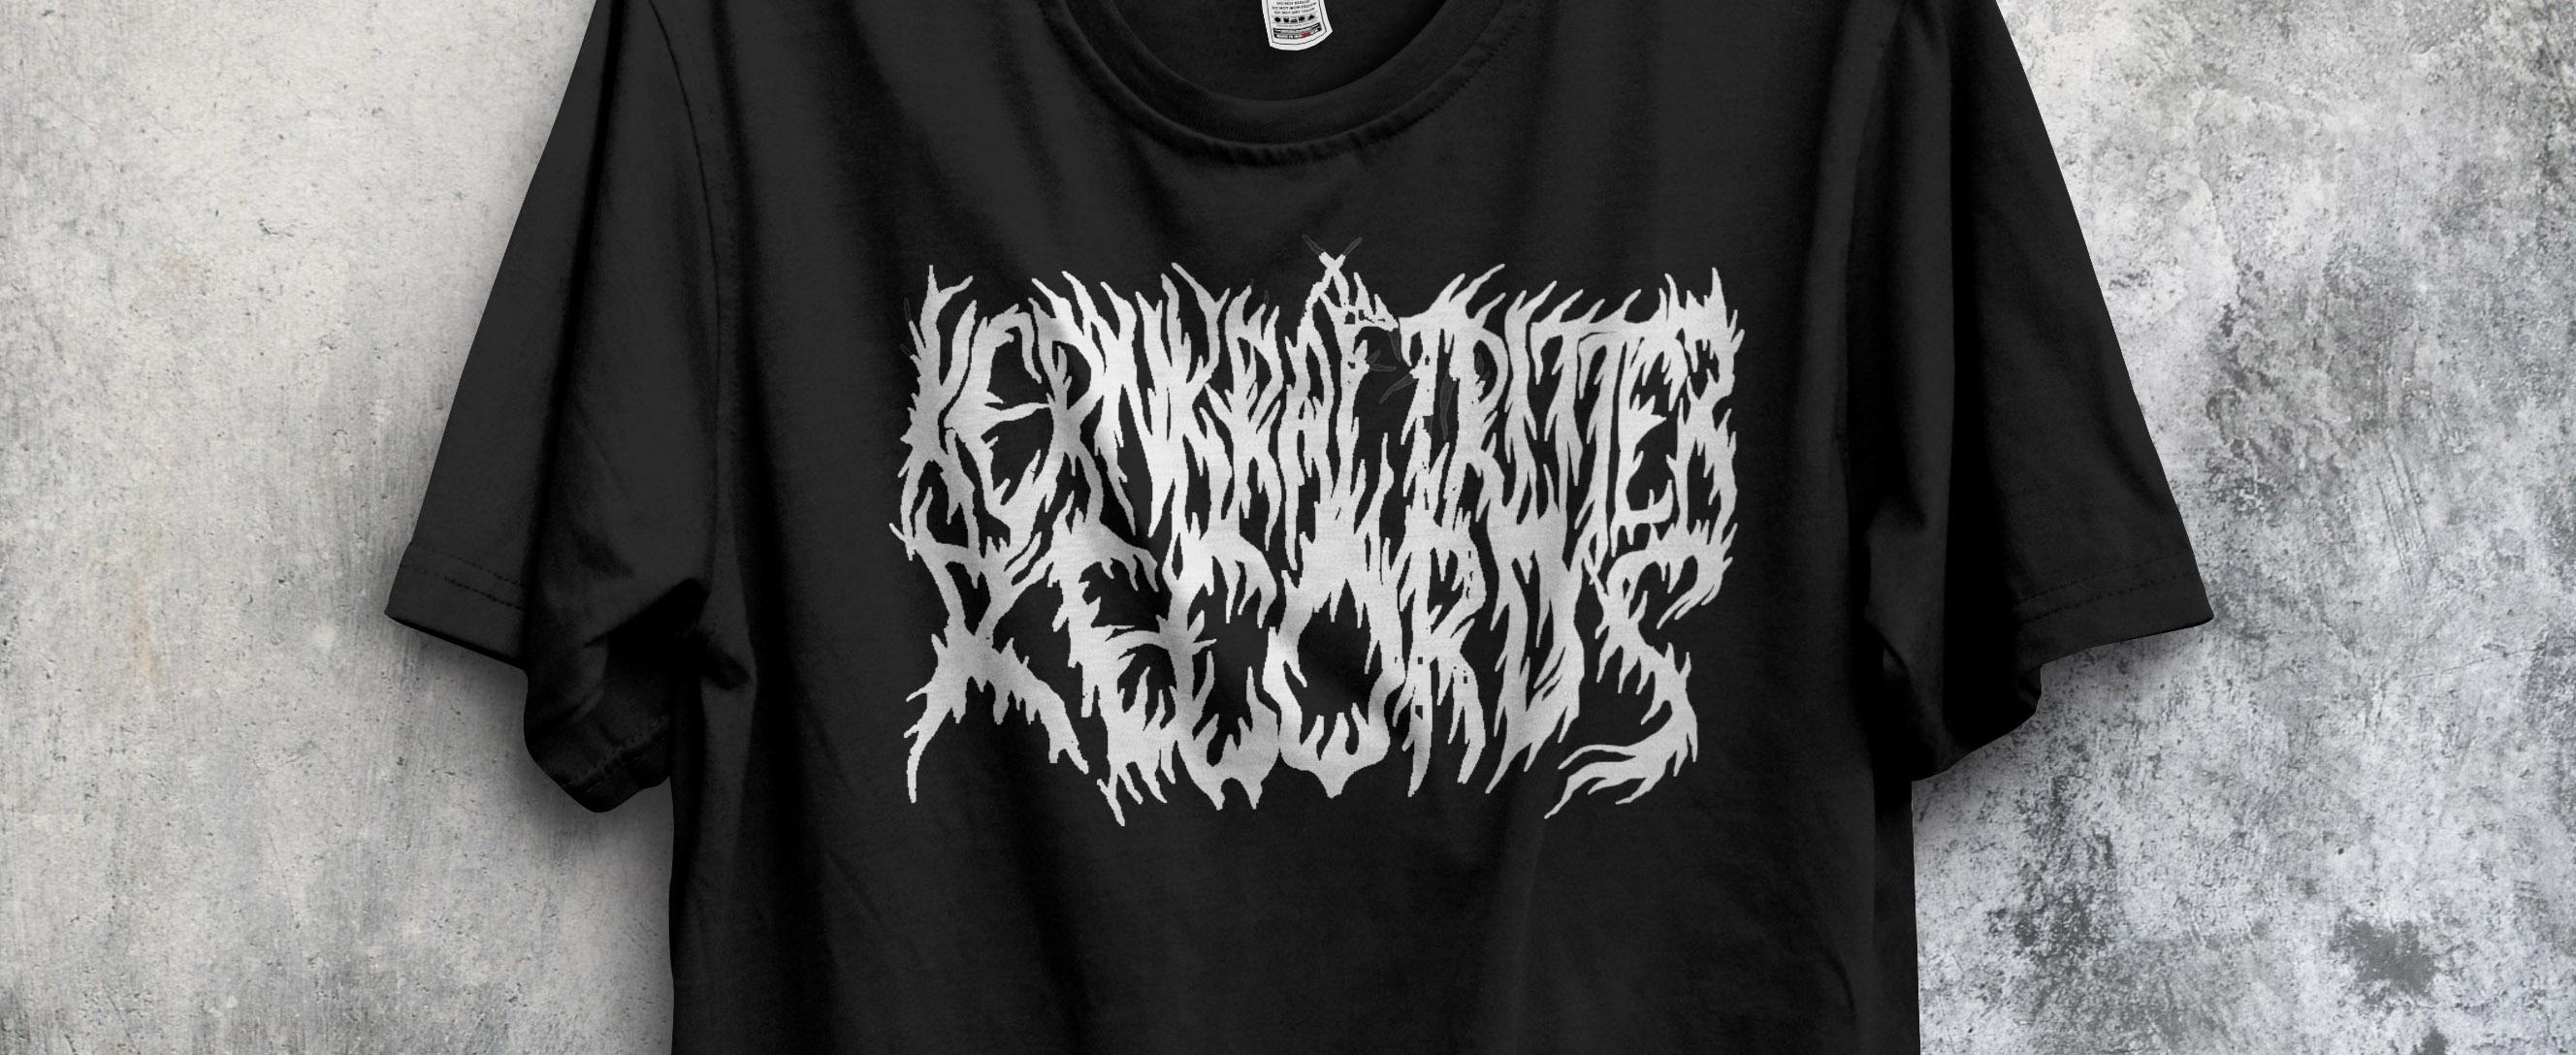 KKR Shirts sind eingetroffen!